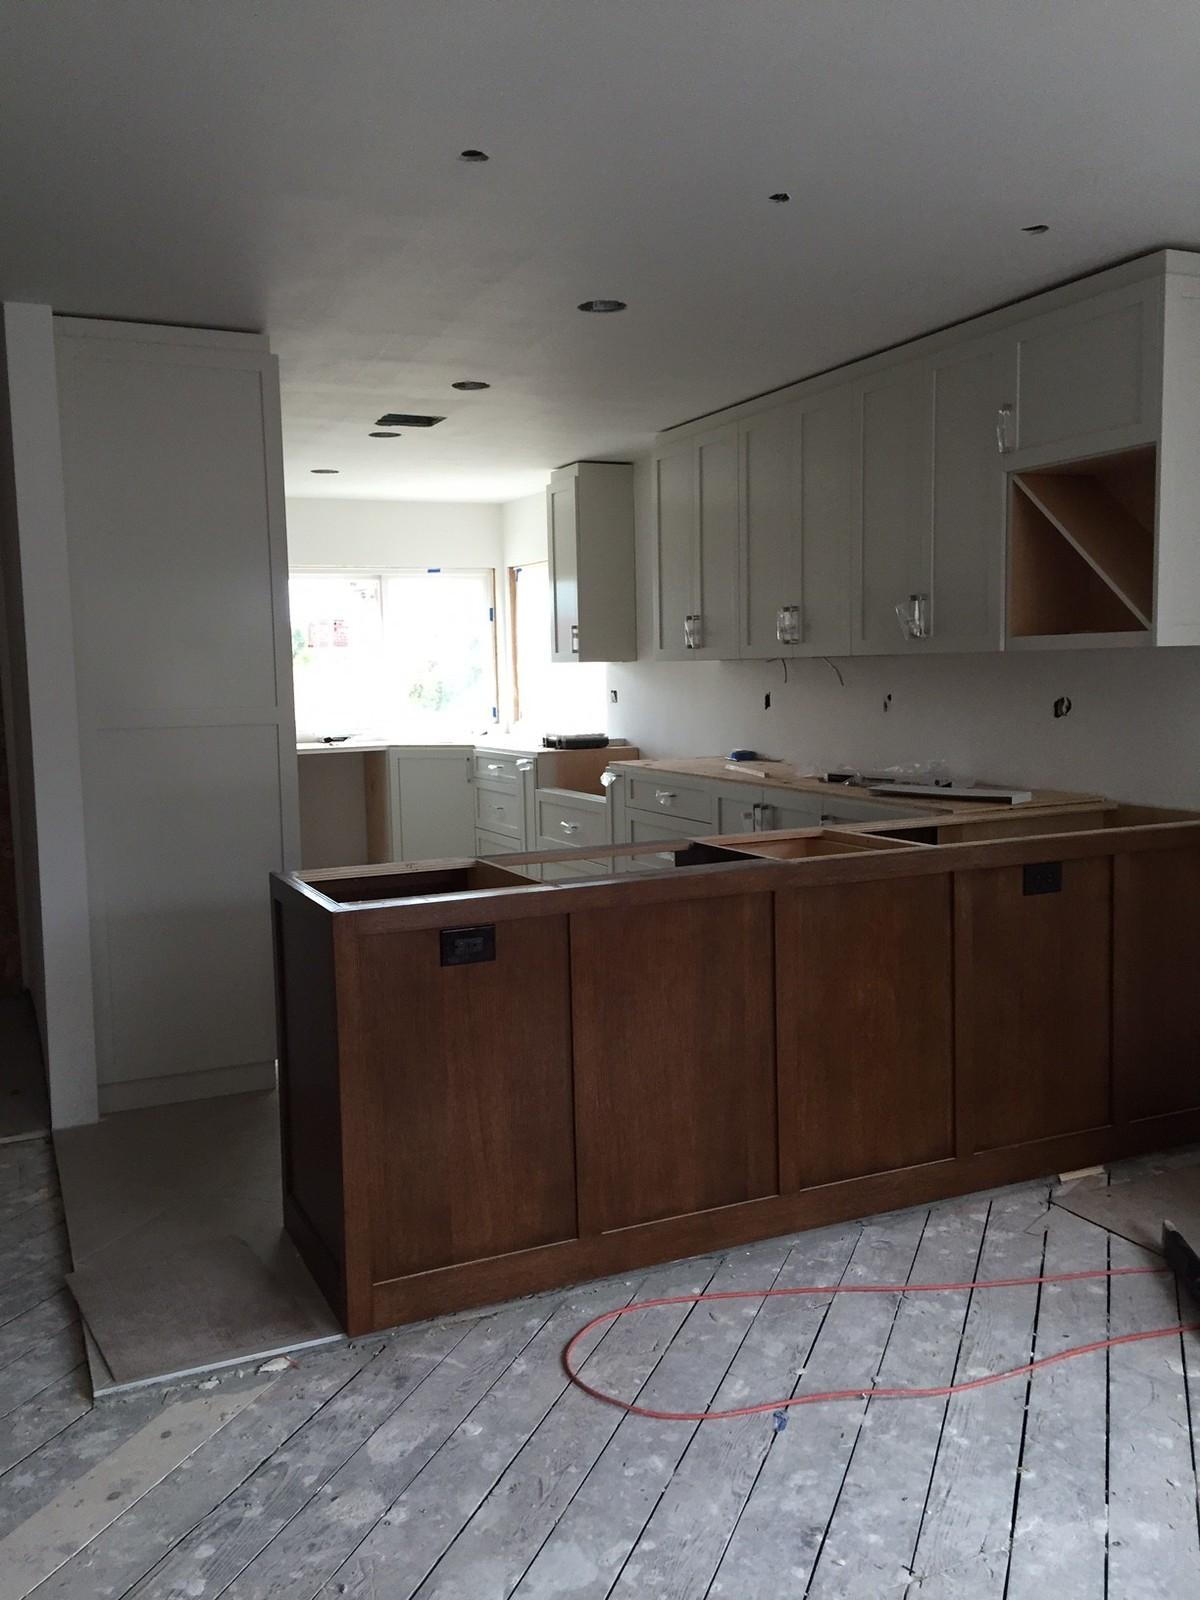 Kitchen during demo